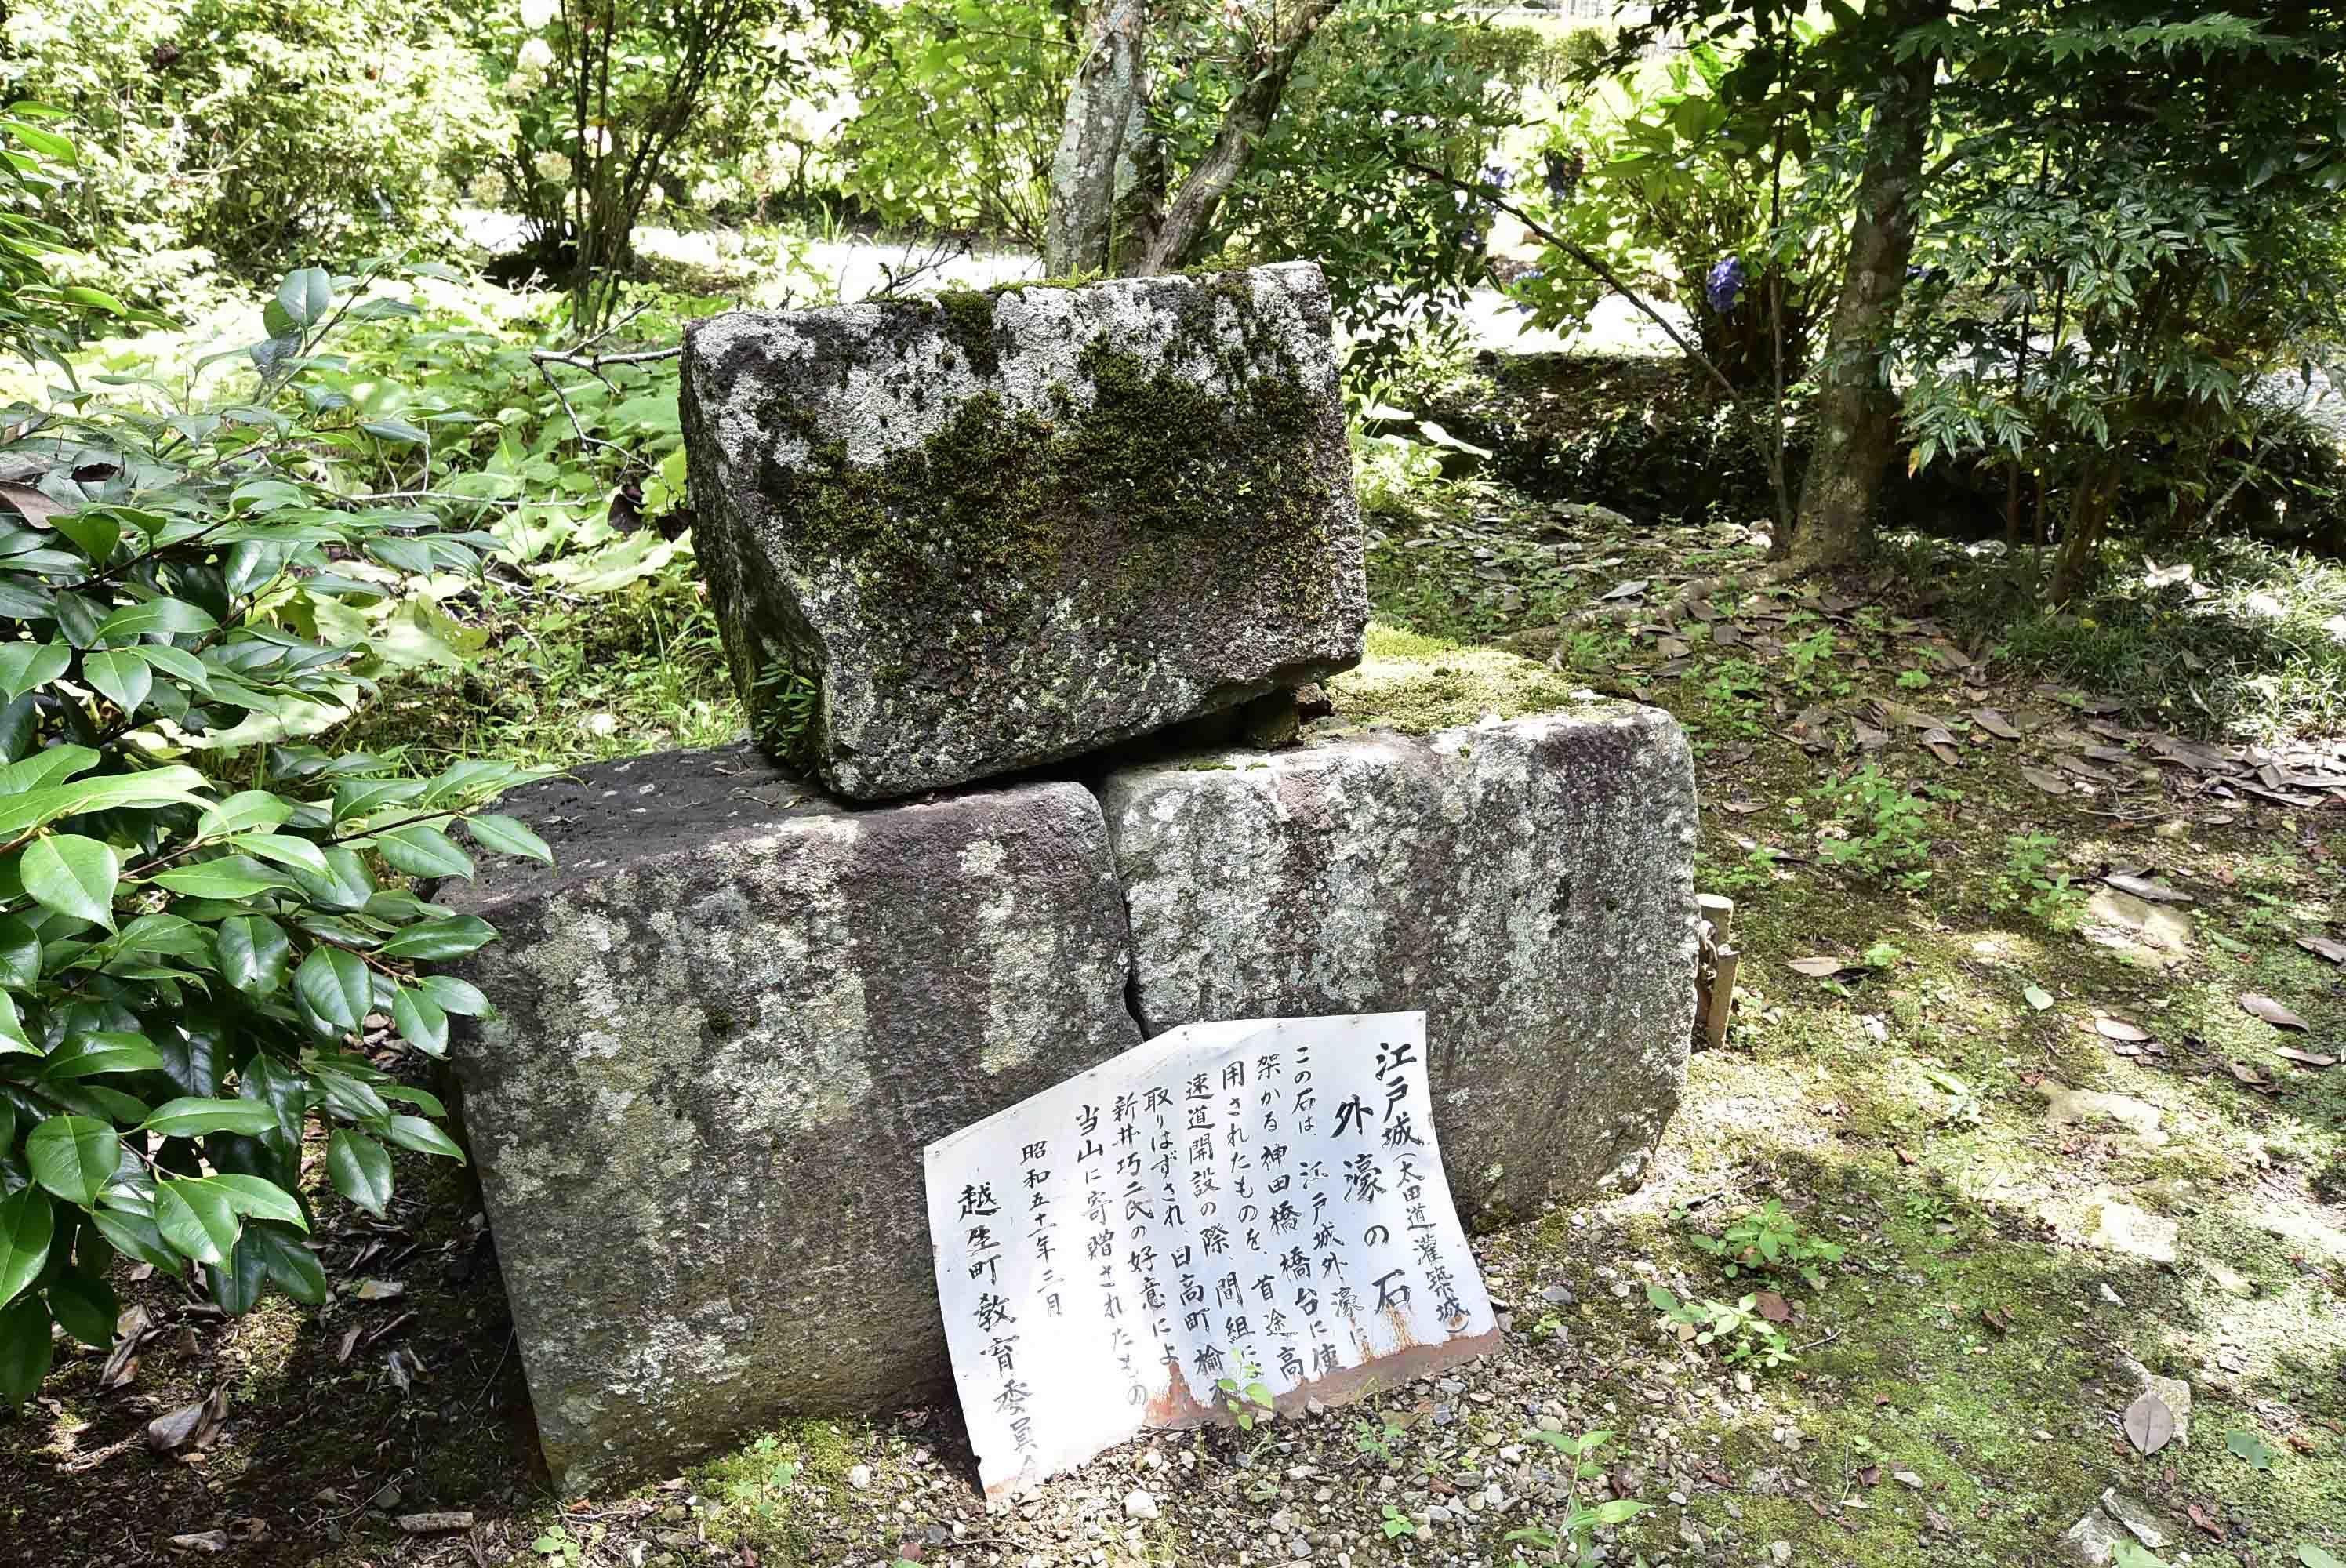 龍穏寺 江戸城の石垣